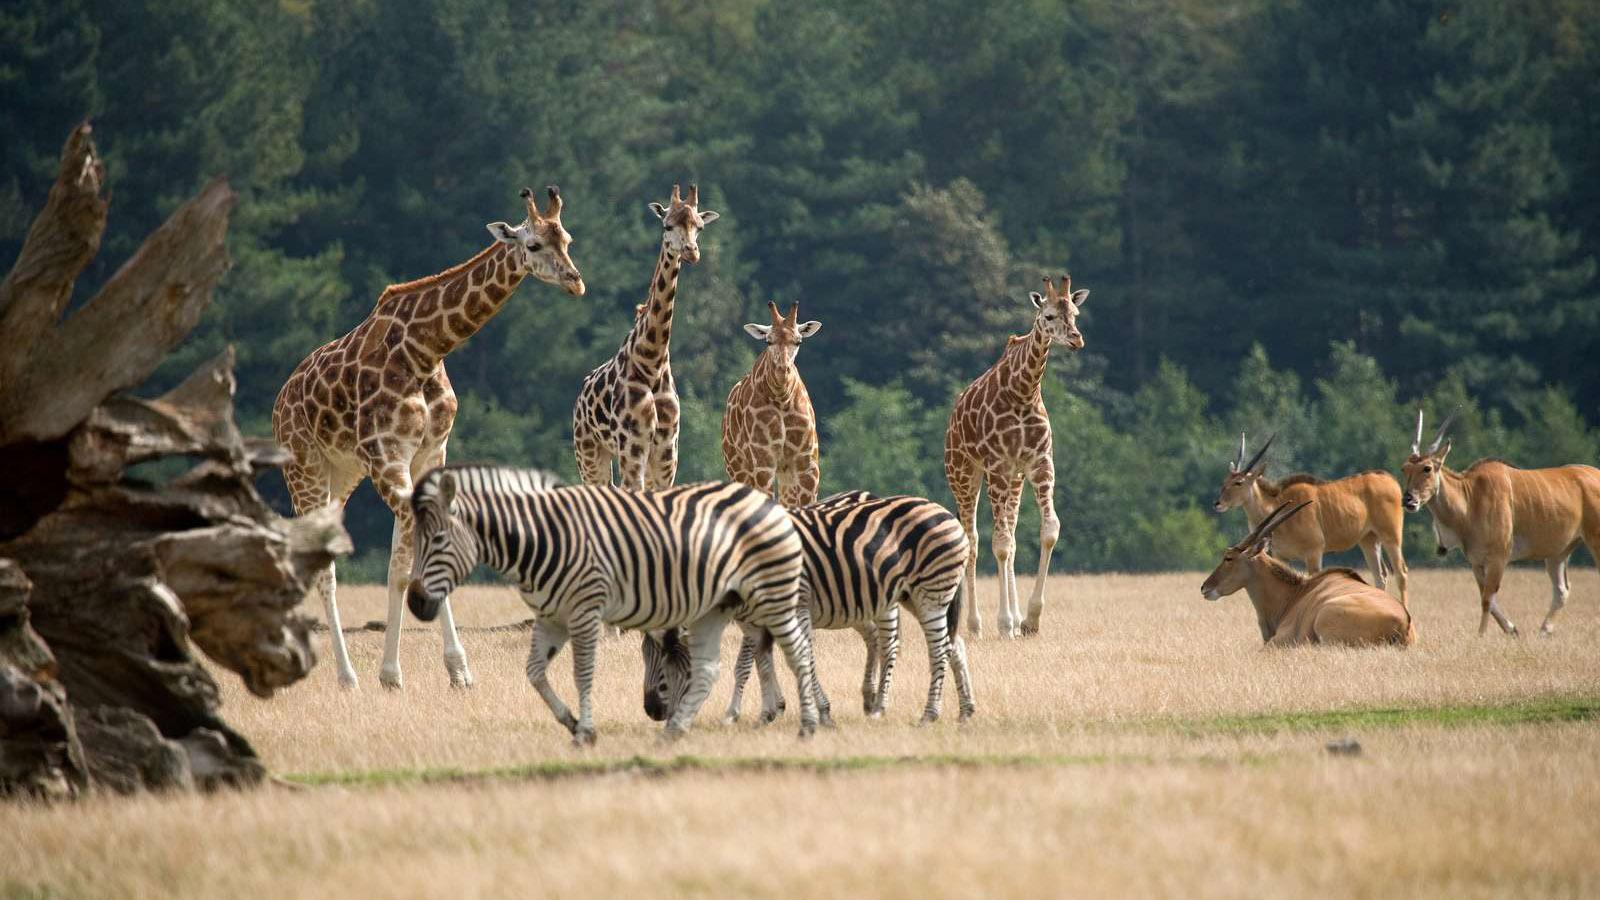 Giraffen und Zebras leben in der afrikanischen Savanne von Knuthenborg. Foto: Knuthenborg Safaripark